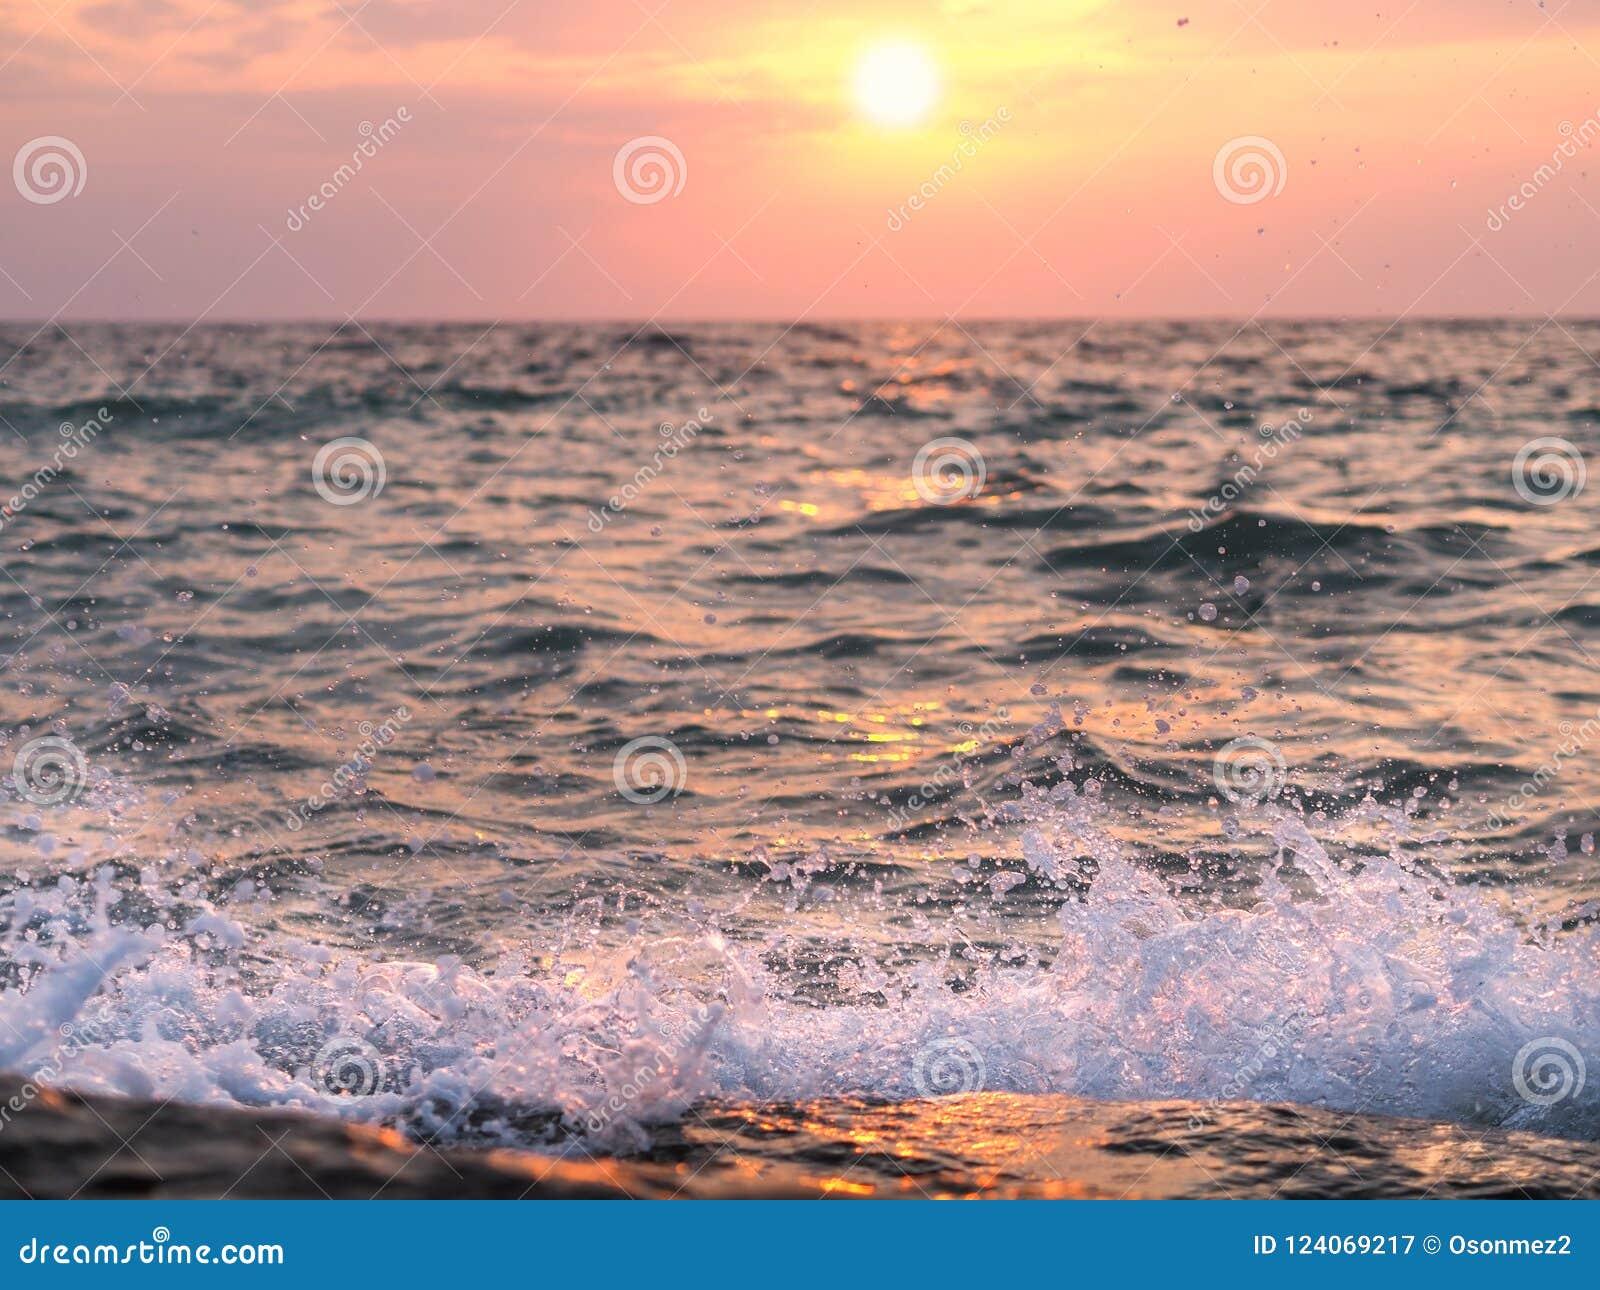 Vagues frappant les rivages rocheux au coucher du soleil